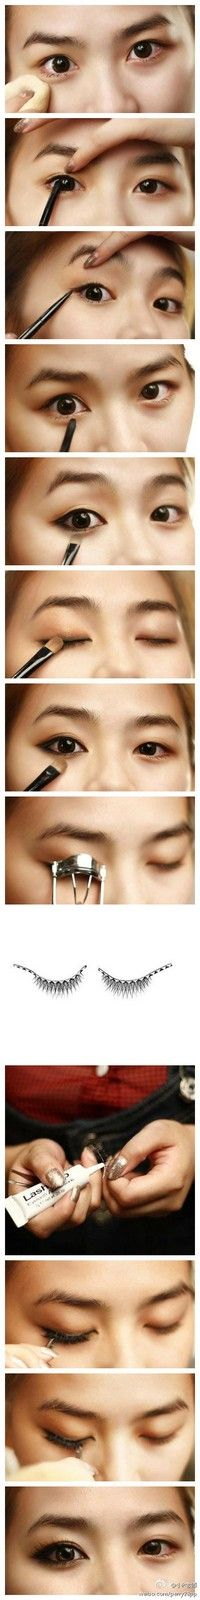 Asian make up